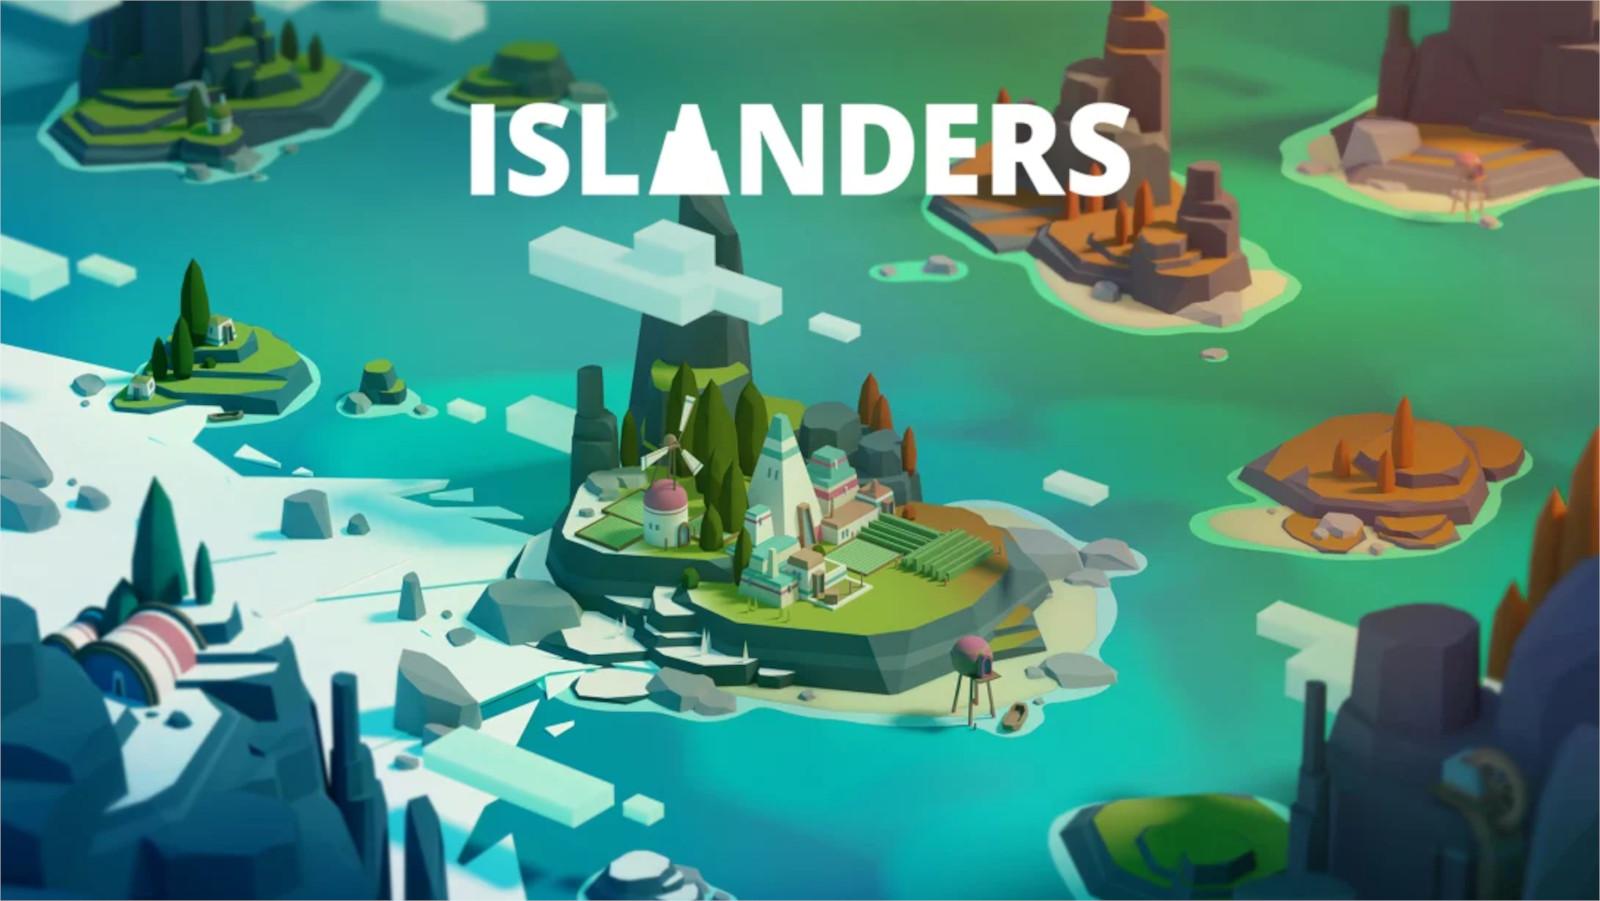 Key art for Islanders on Nintendo Switch